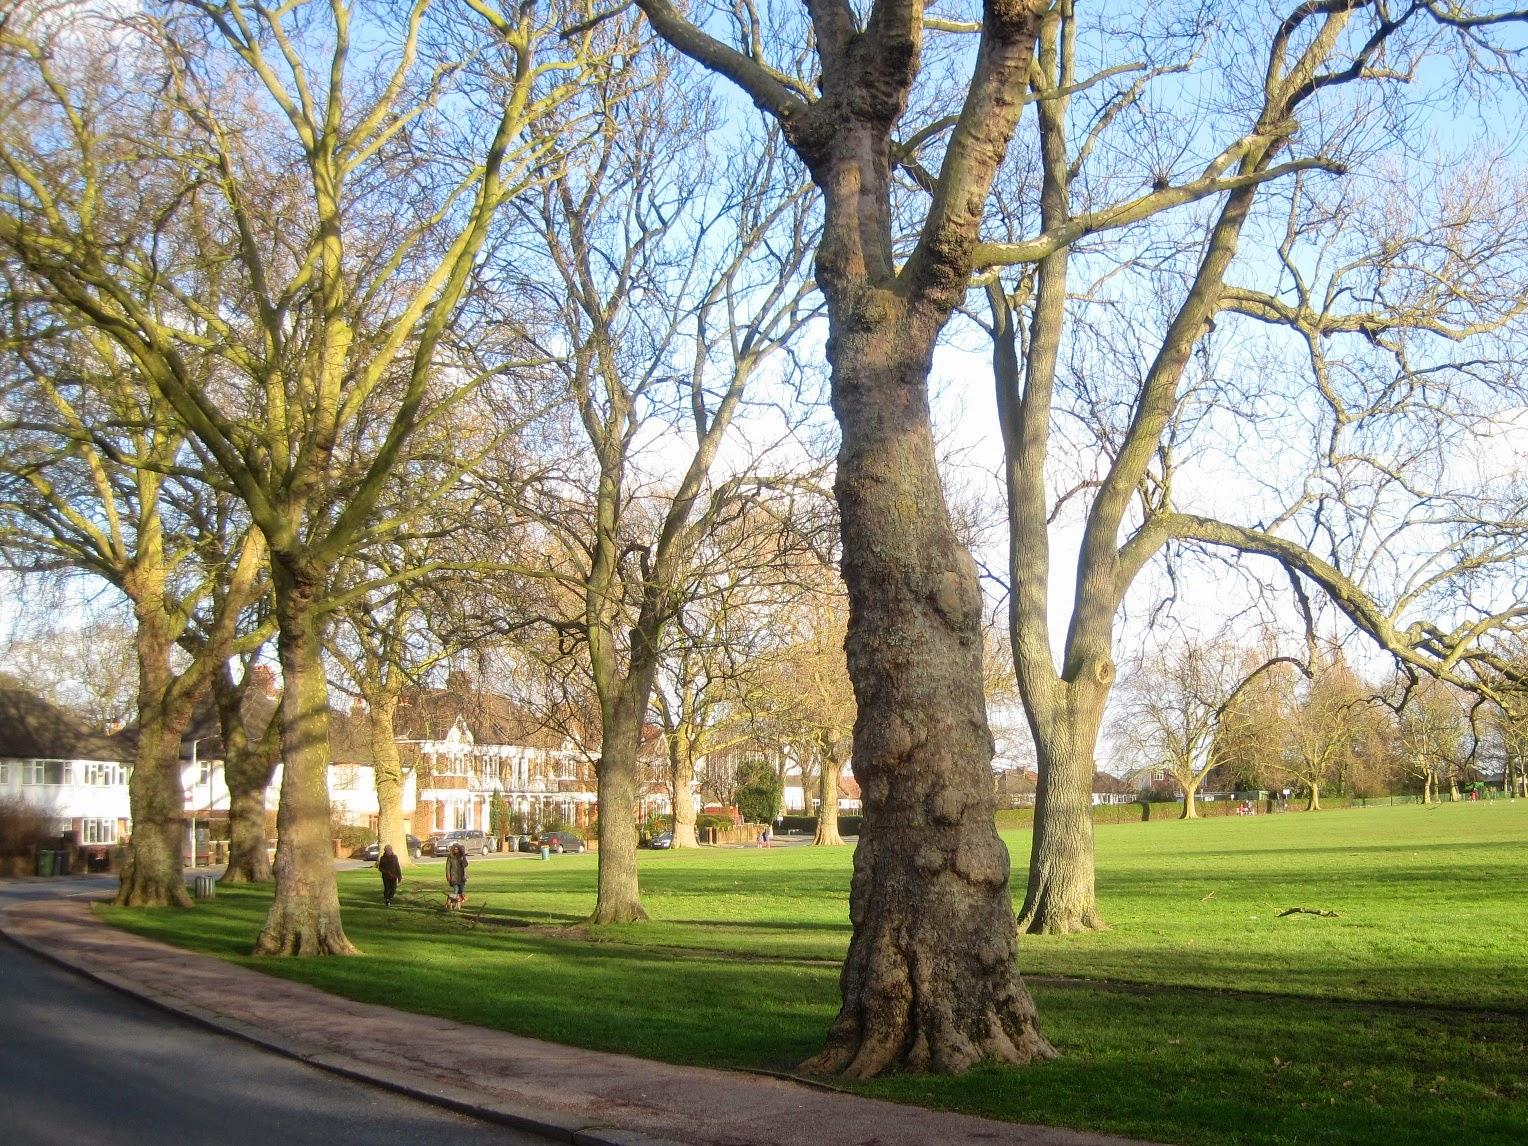 Brockley Street Trees